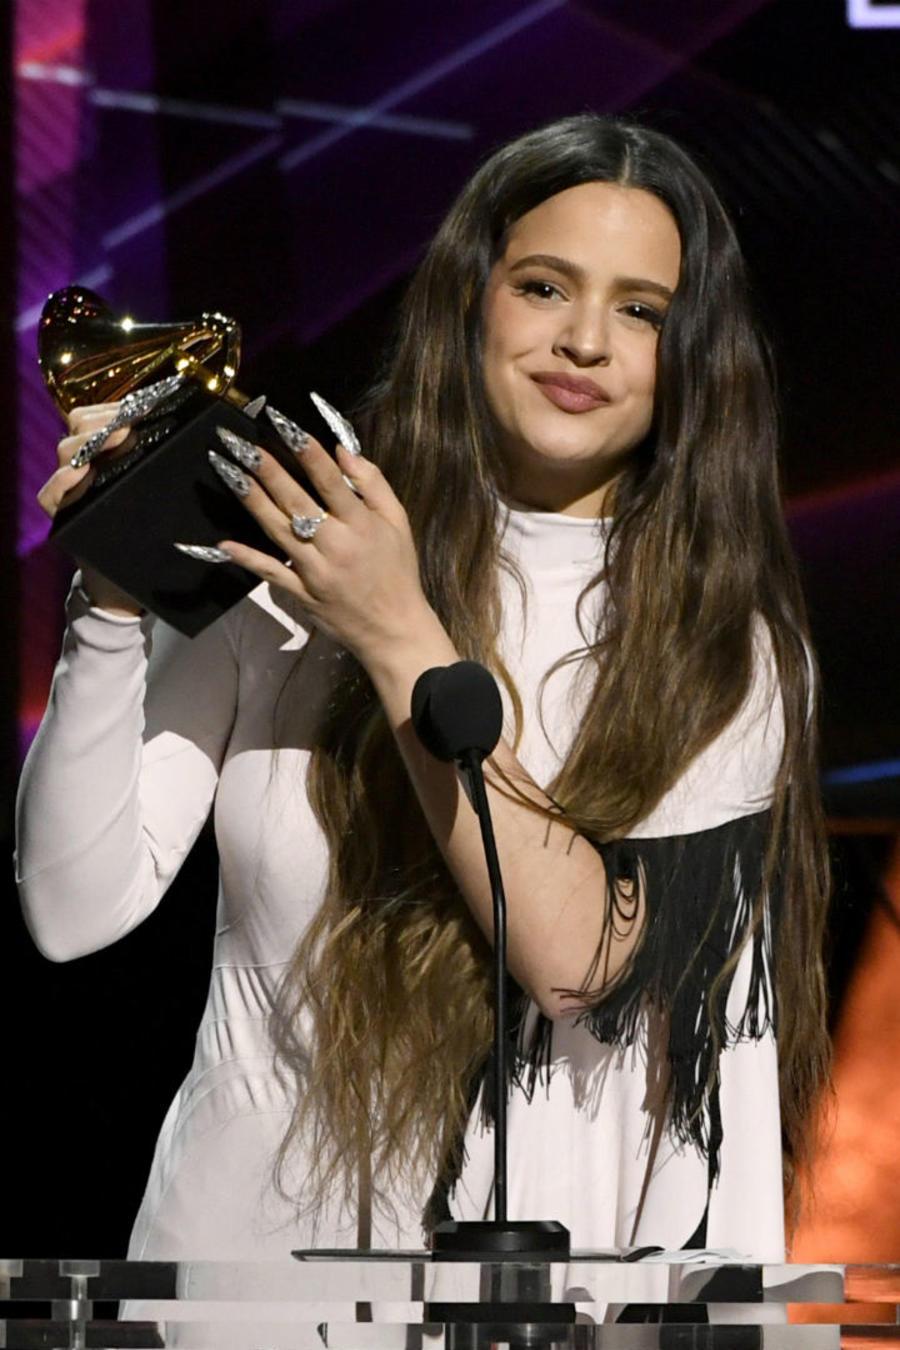 Rosalía recibiendo su premio en los Grammys 2020